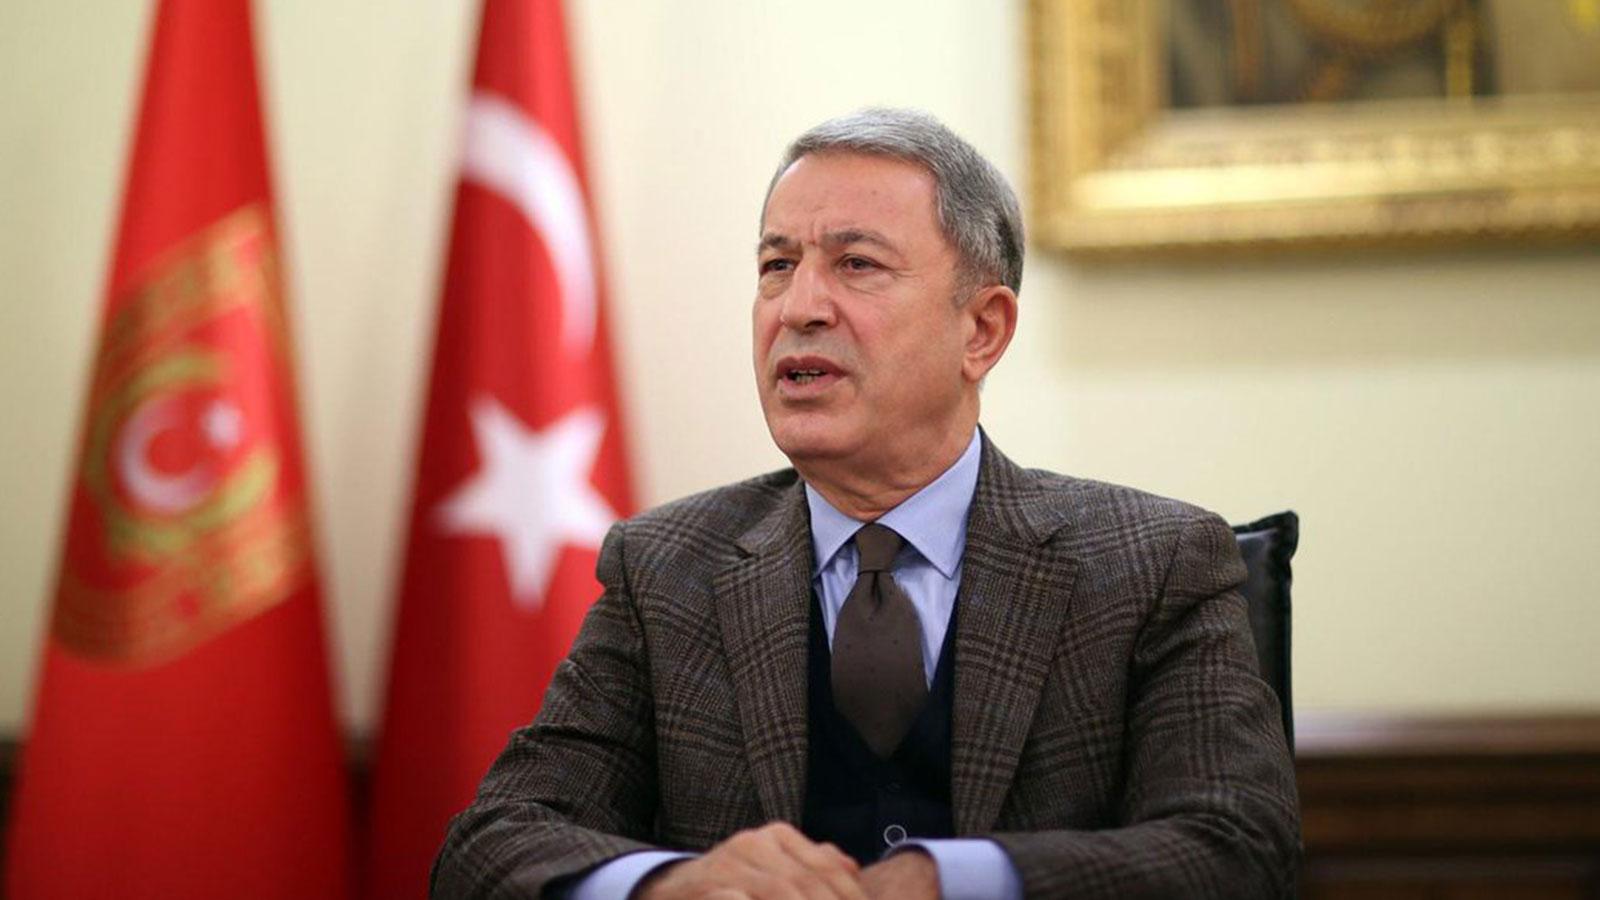 Milli Savunma Bakanı Akar'dan ABD'ye net mesaj